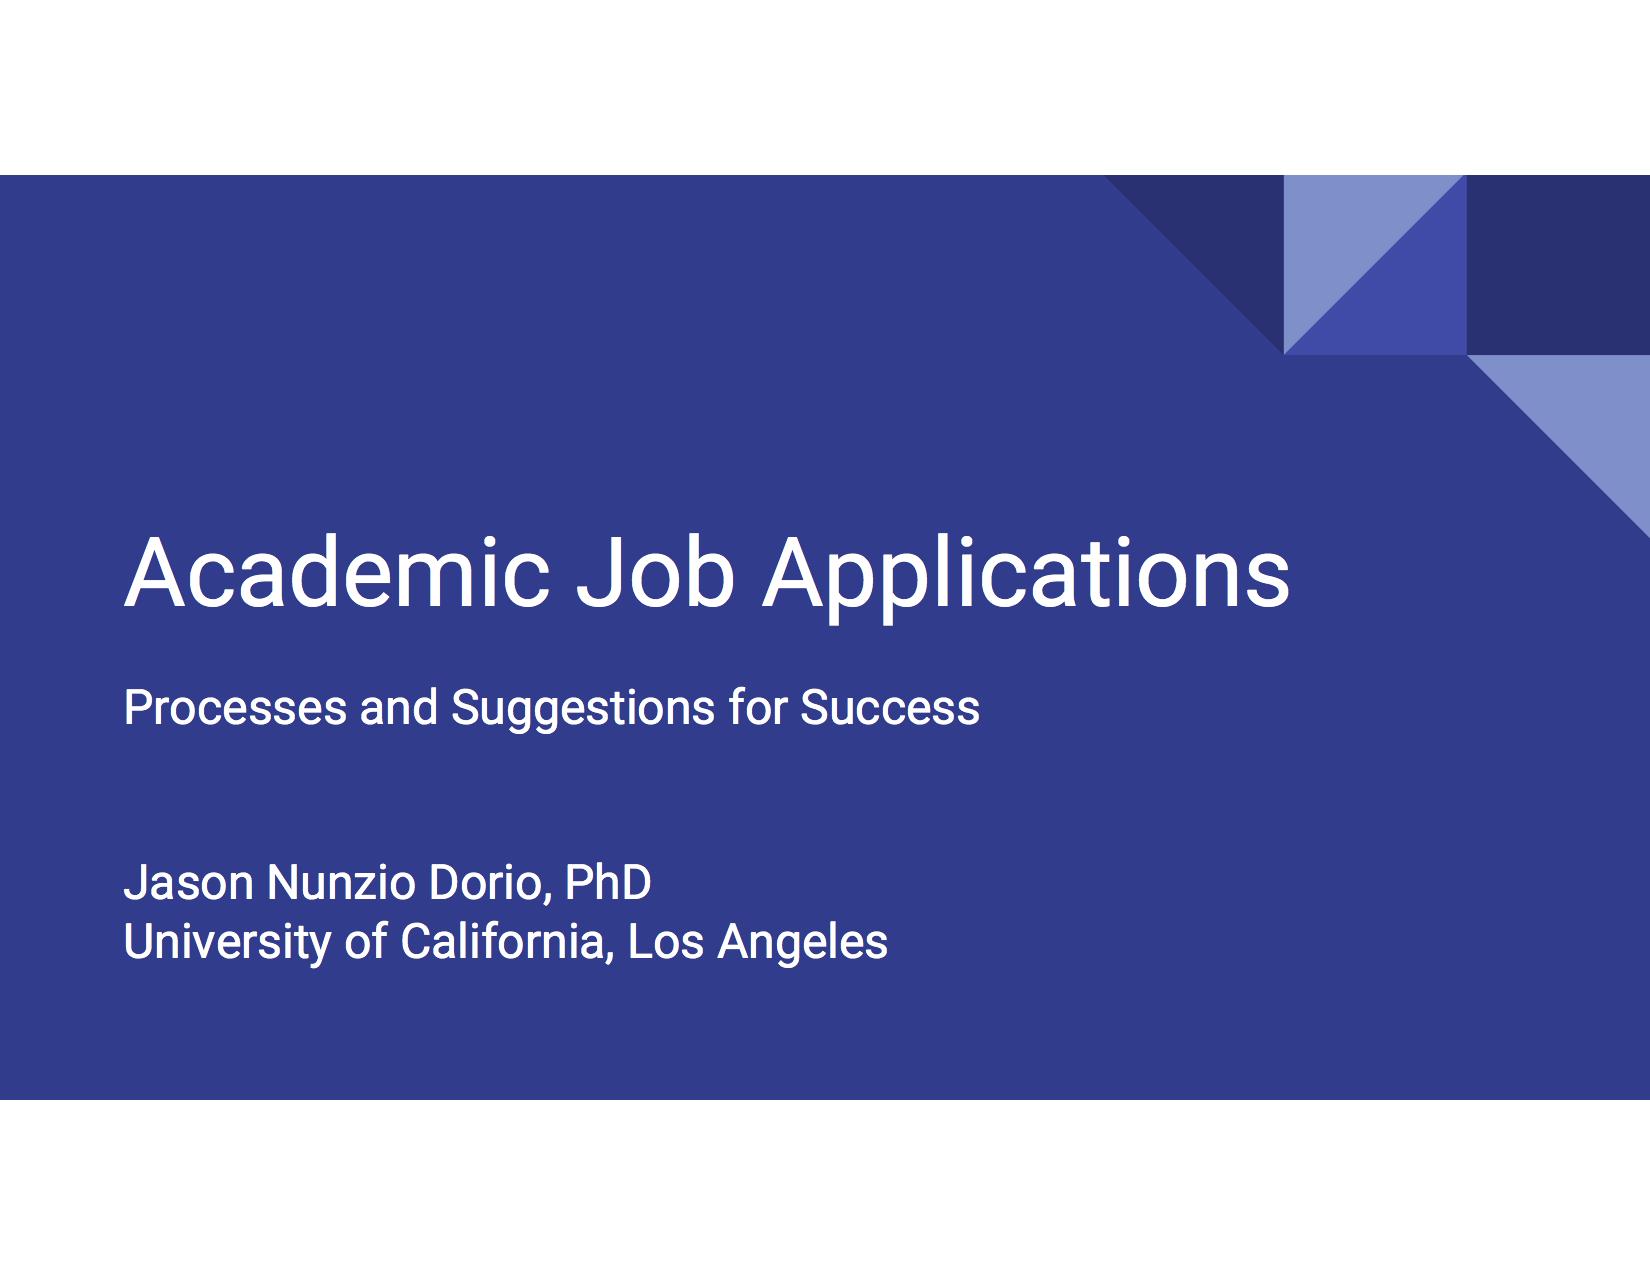 Academic Job Applications .png